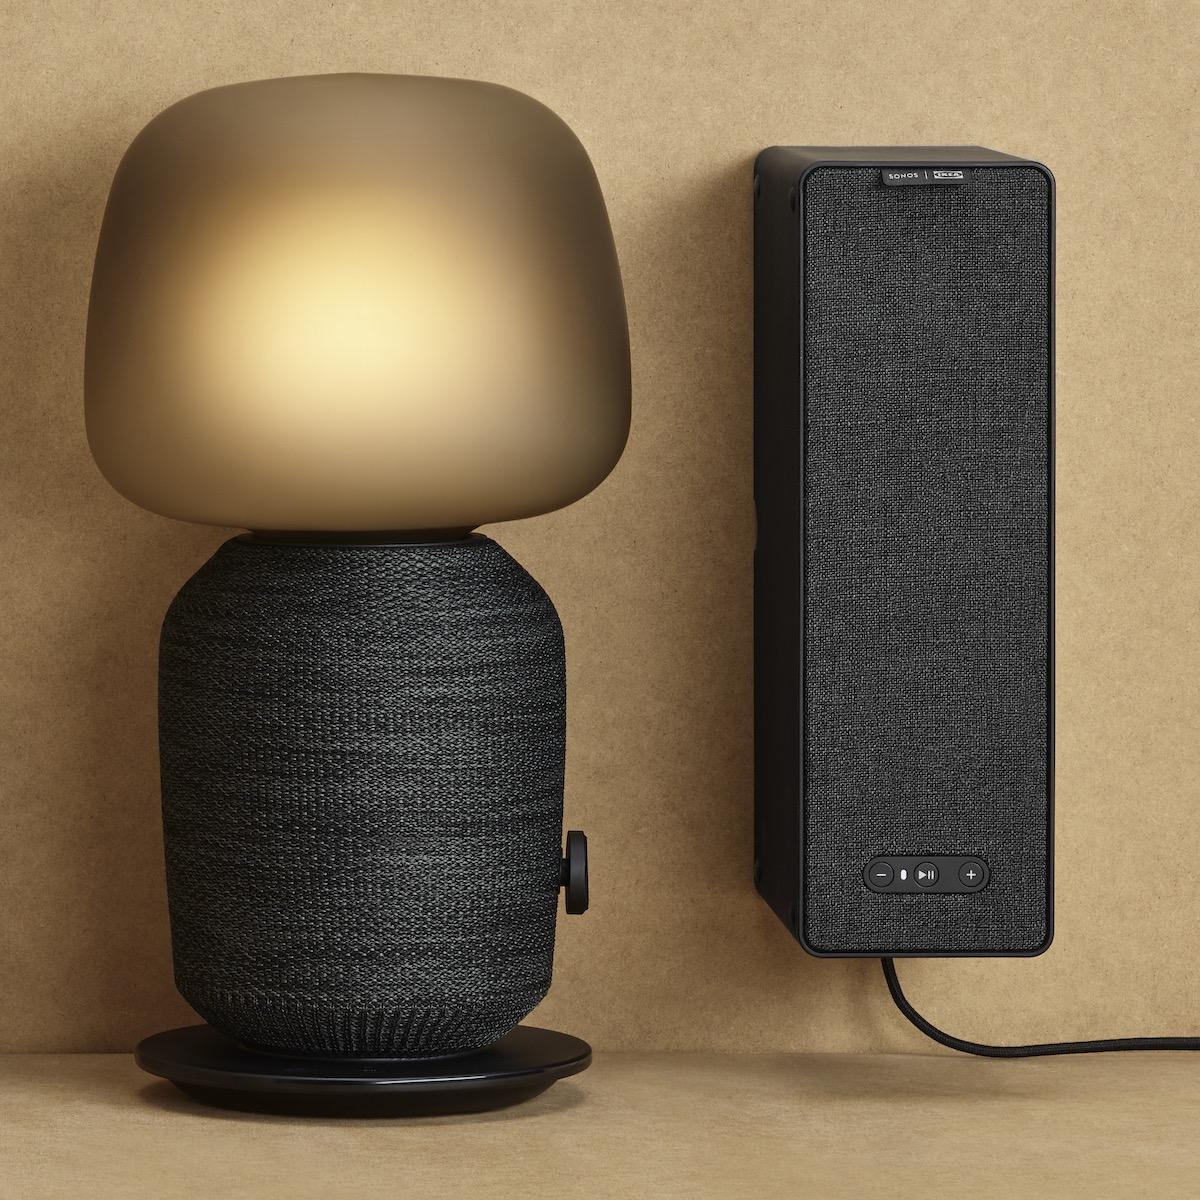 Supporto Tv Da Tavolo Ikea.Luce E Suono Con Il Design Ikea E Sonos Per L Audio Multi Room Con